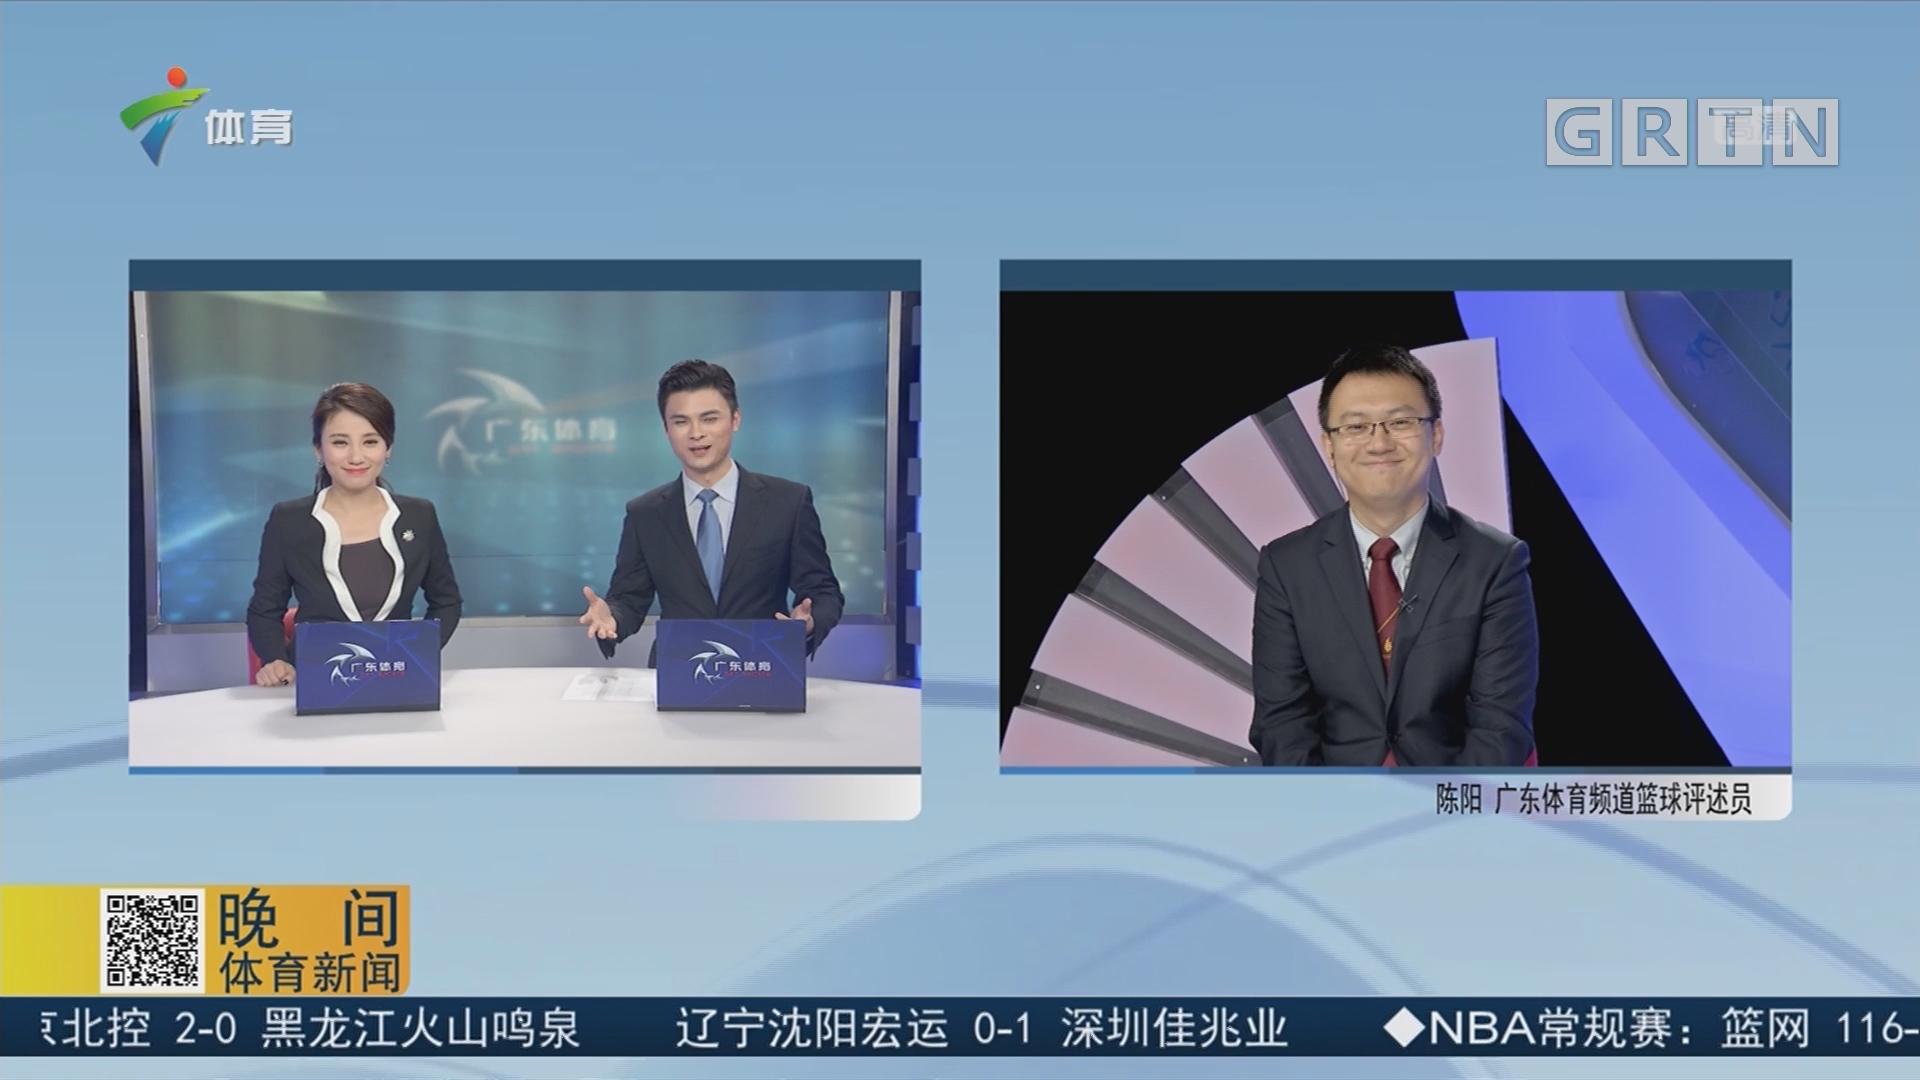 篮球评述员陈阳:广东vs新疆(二)